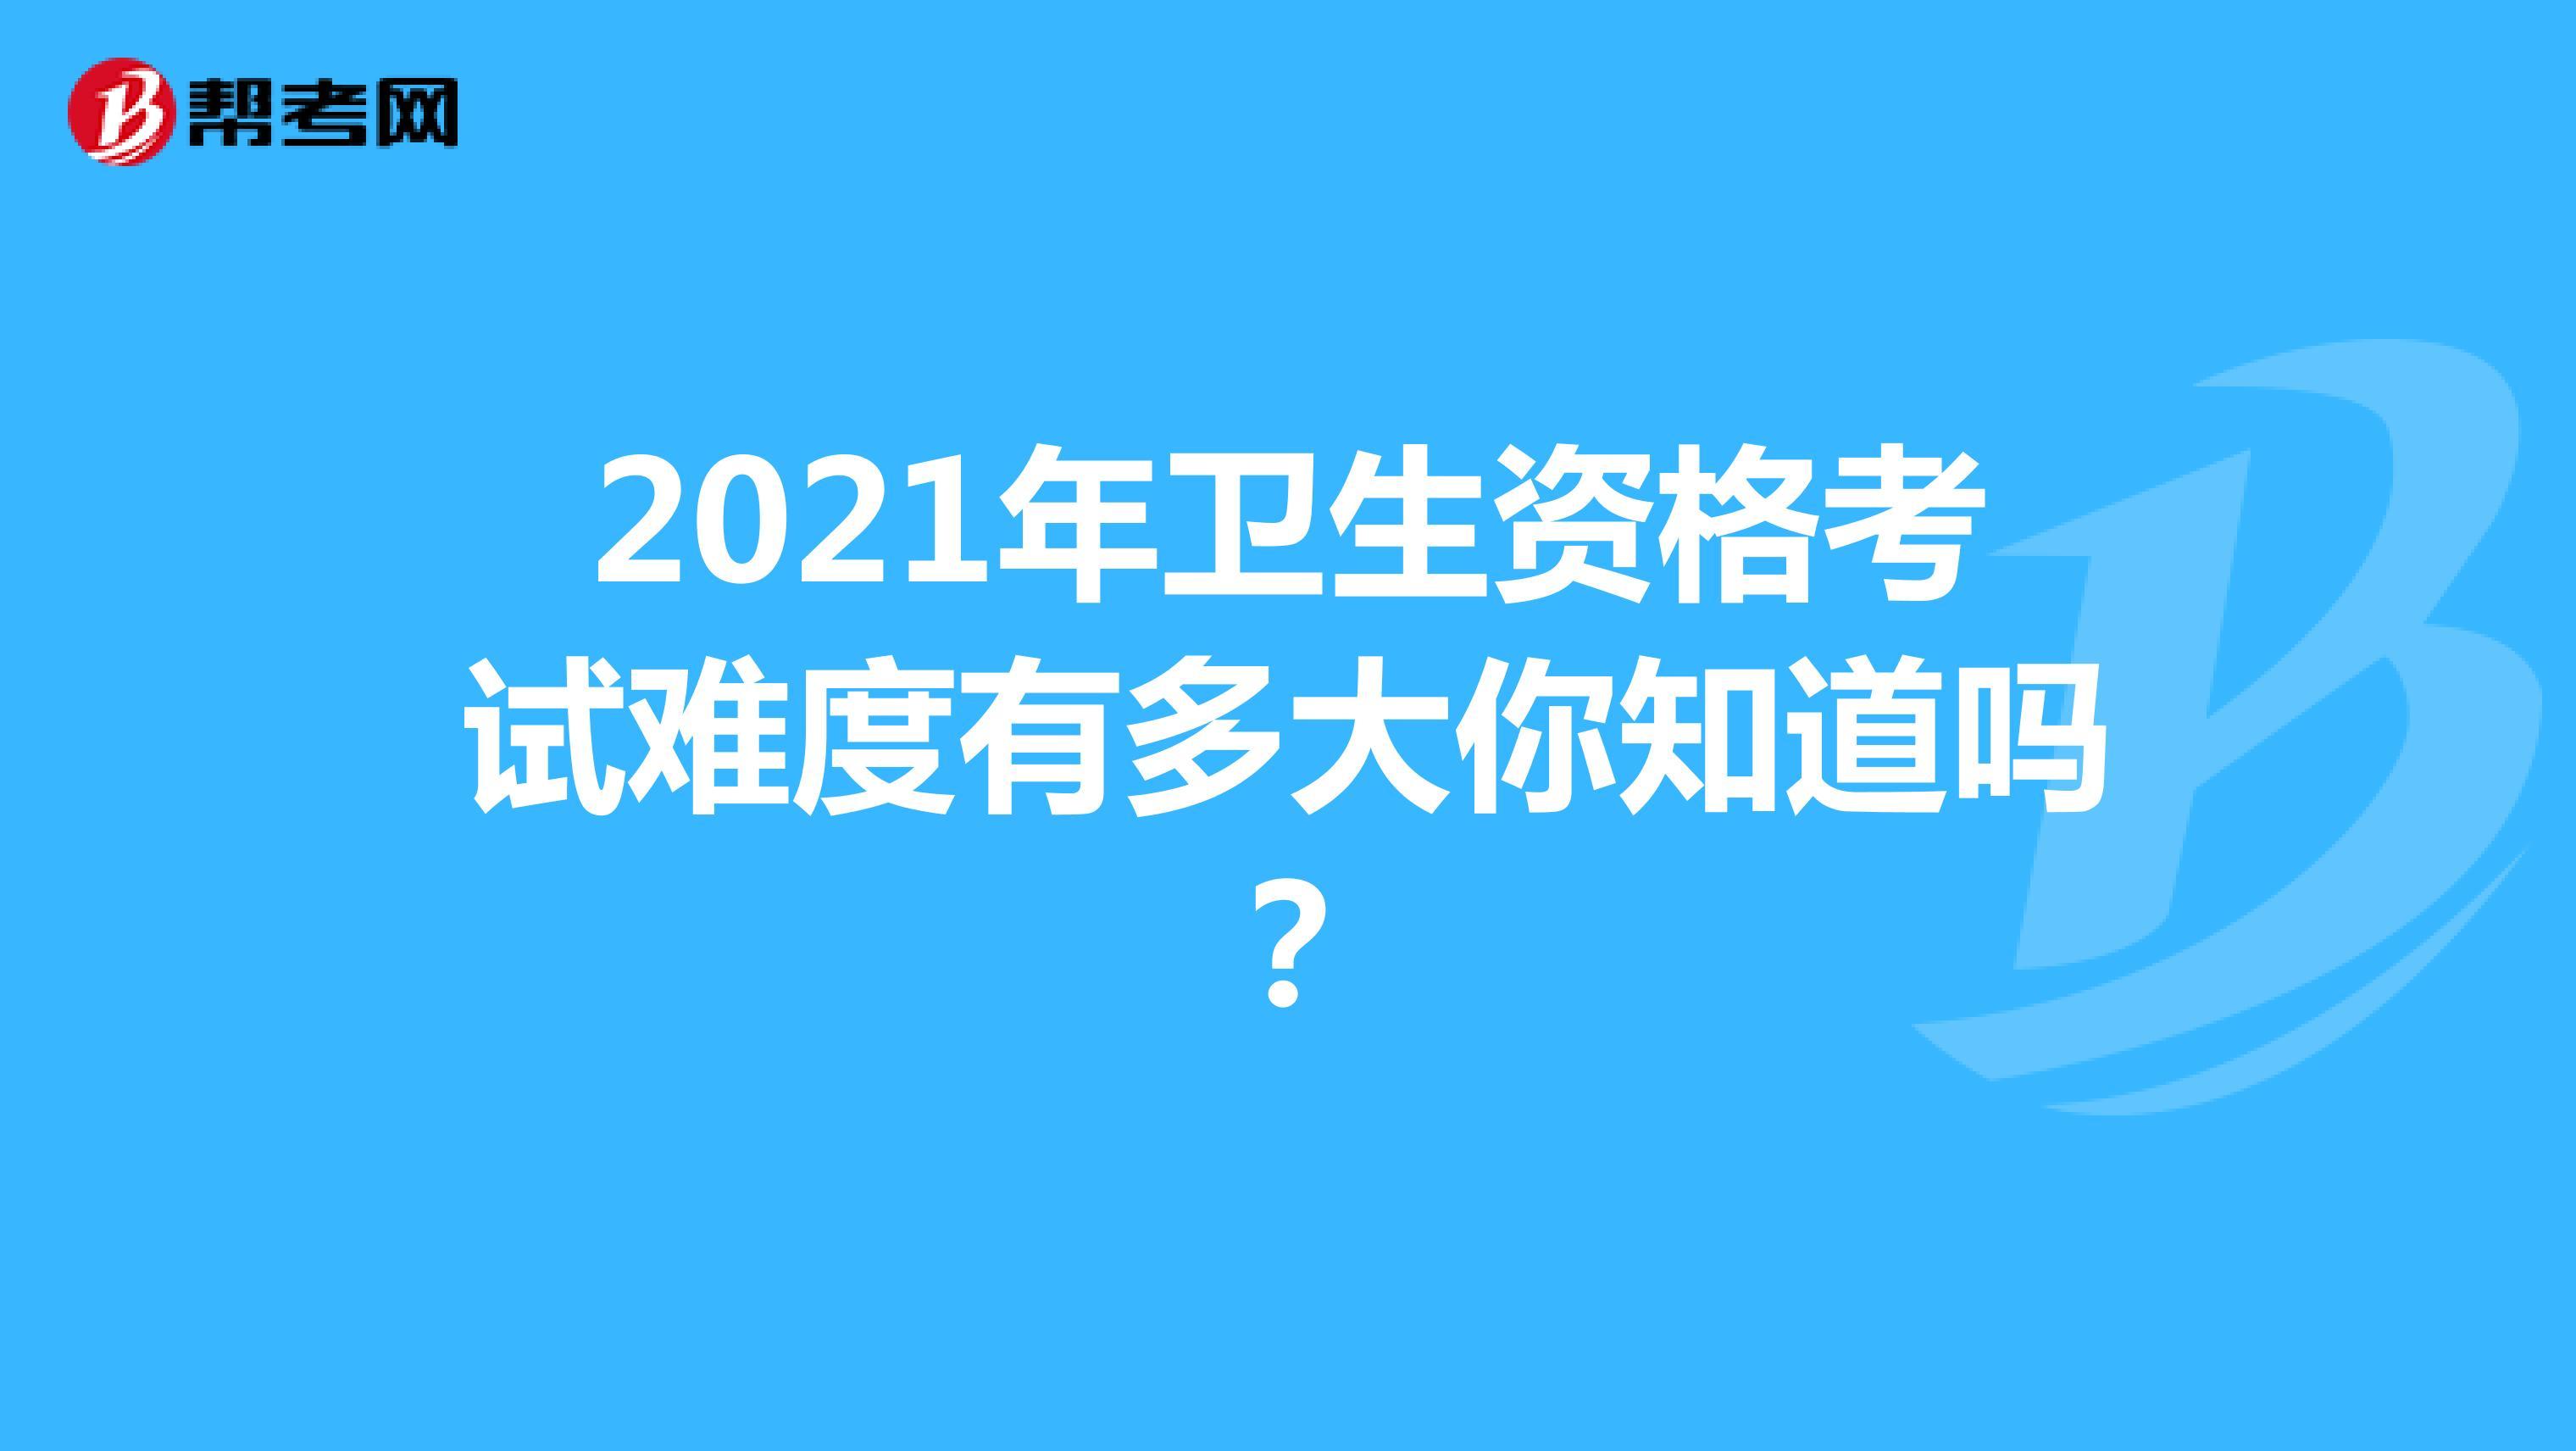 2021年衛生資格考試難度有多大你知道嗎?